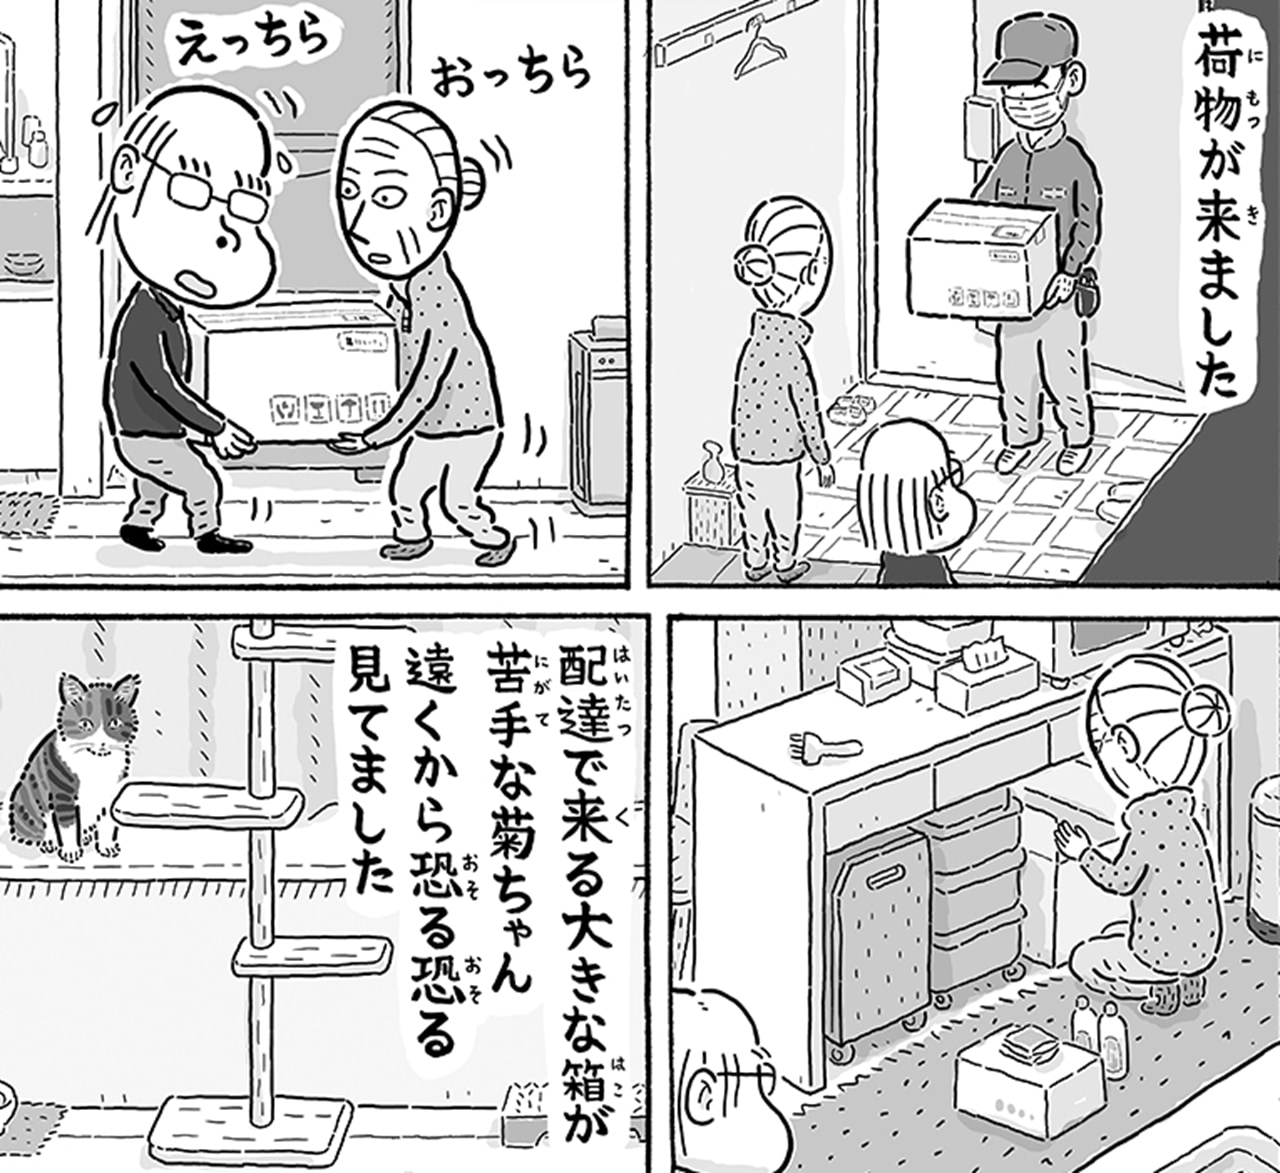 心強いお供!老夫婦と暮らすニャンコの日常漫画がホッコリする♪